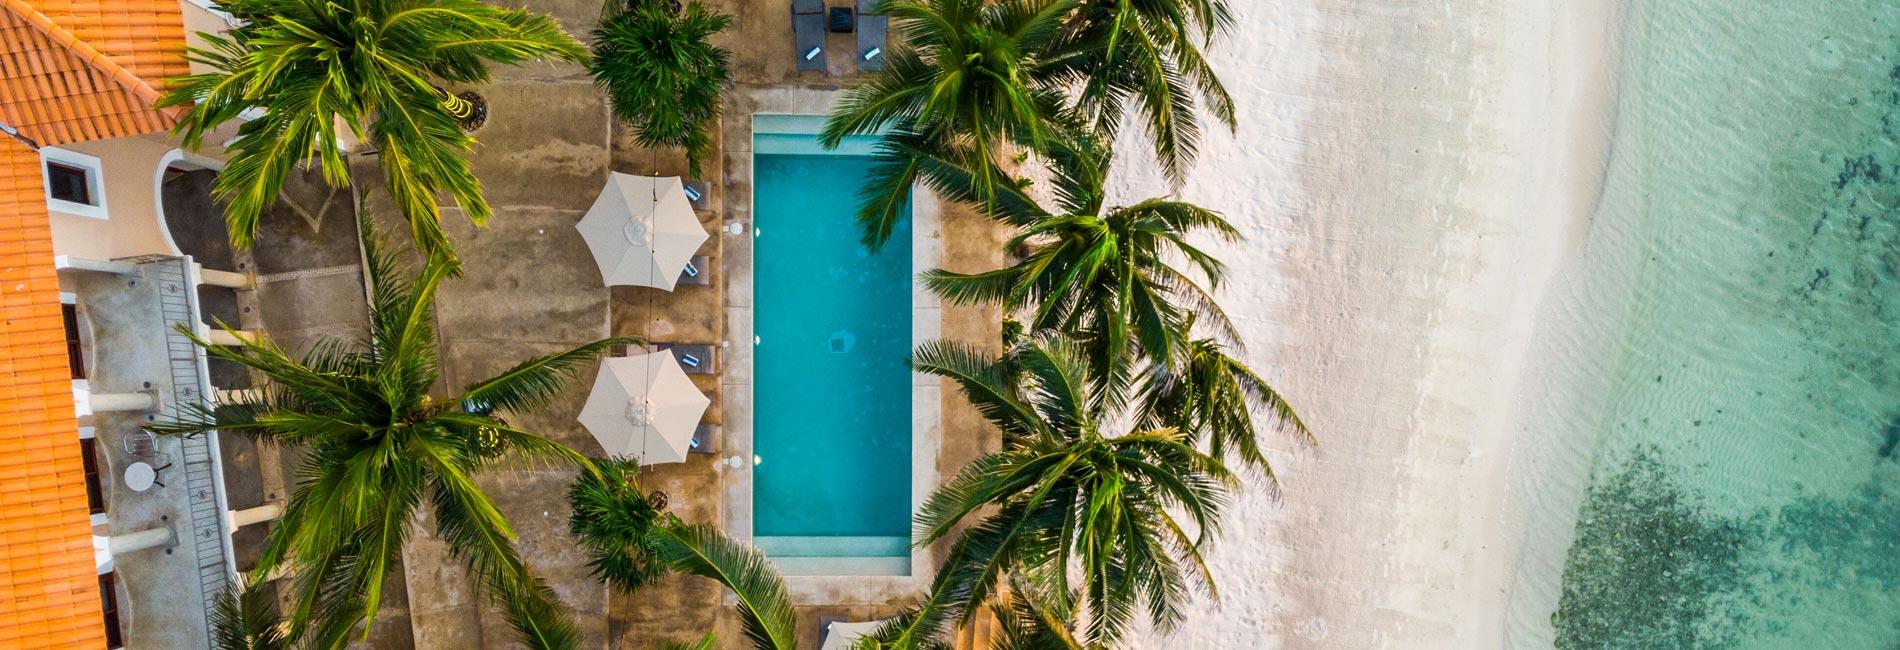 hacienda corazon riviera maya